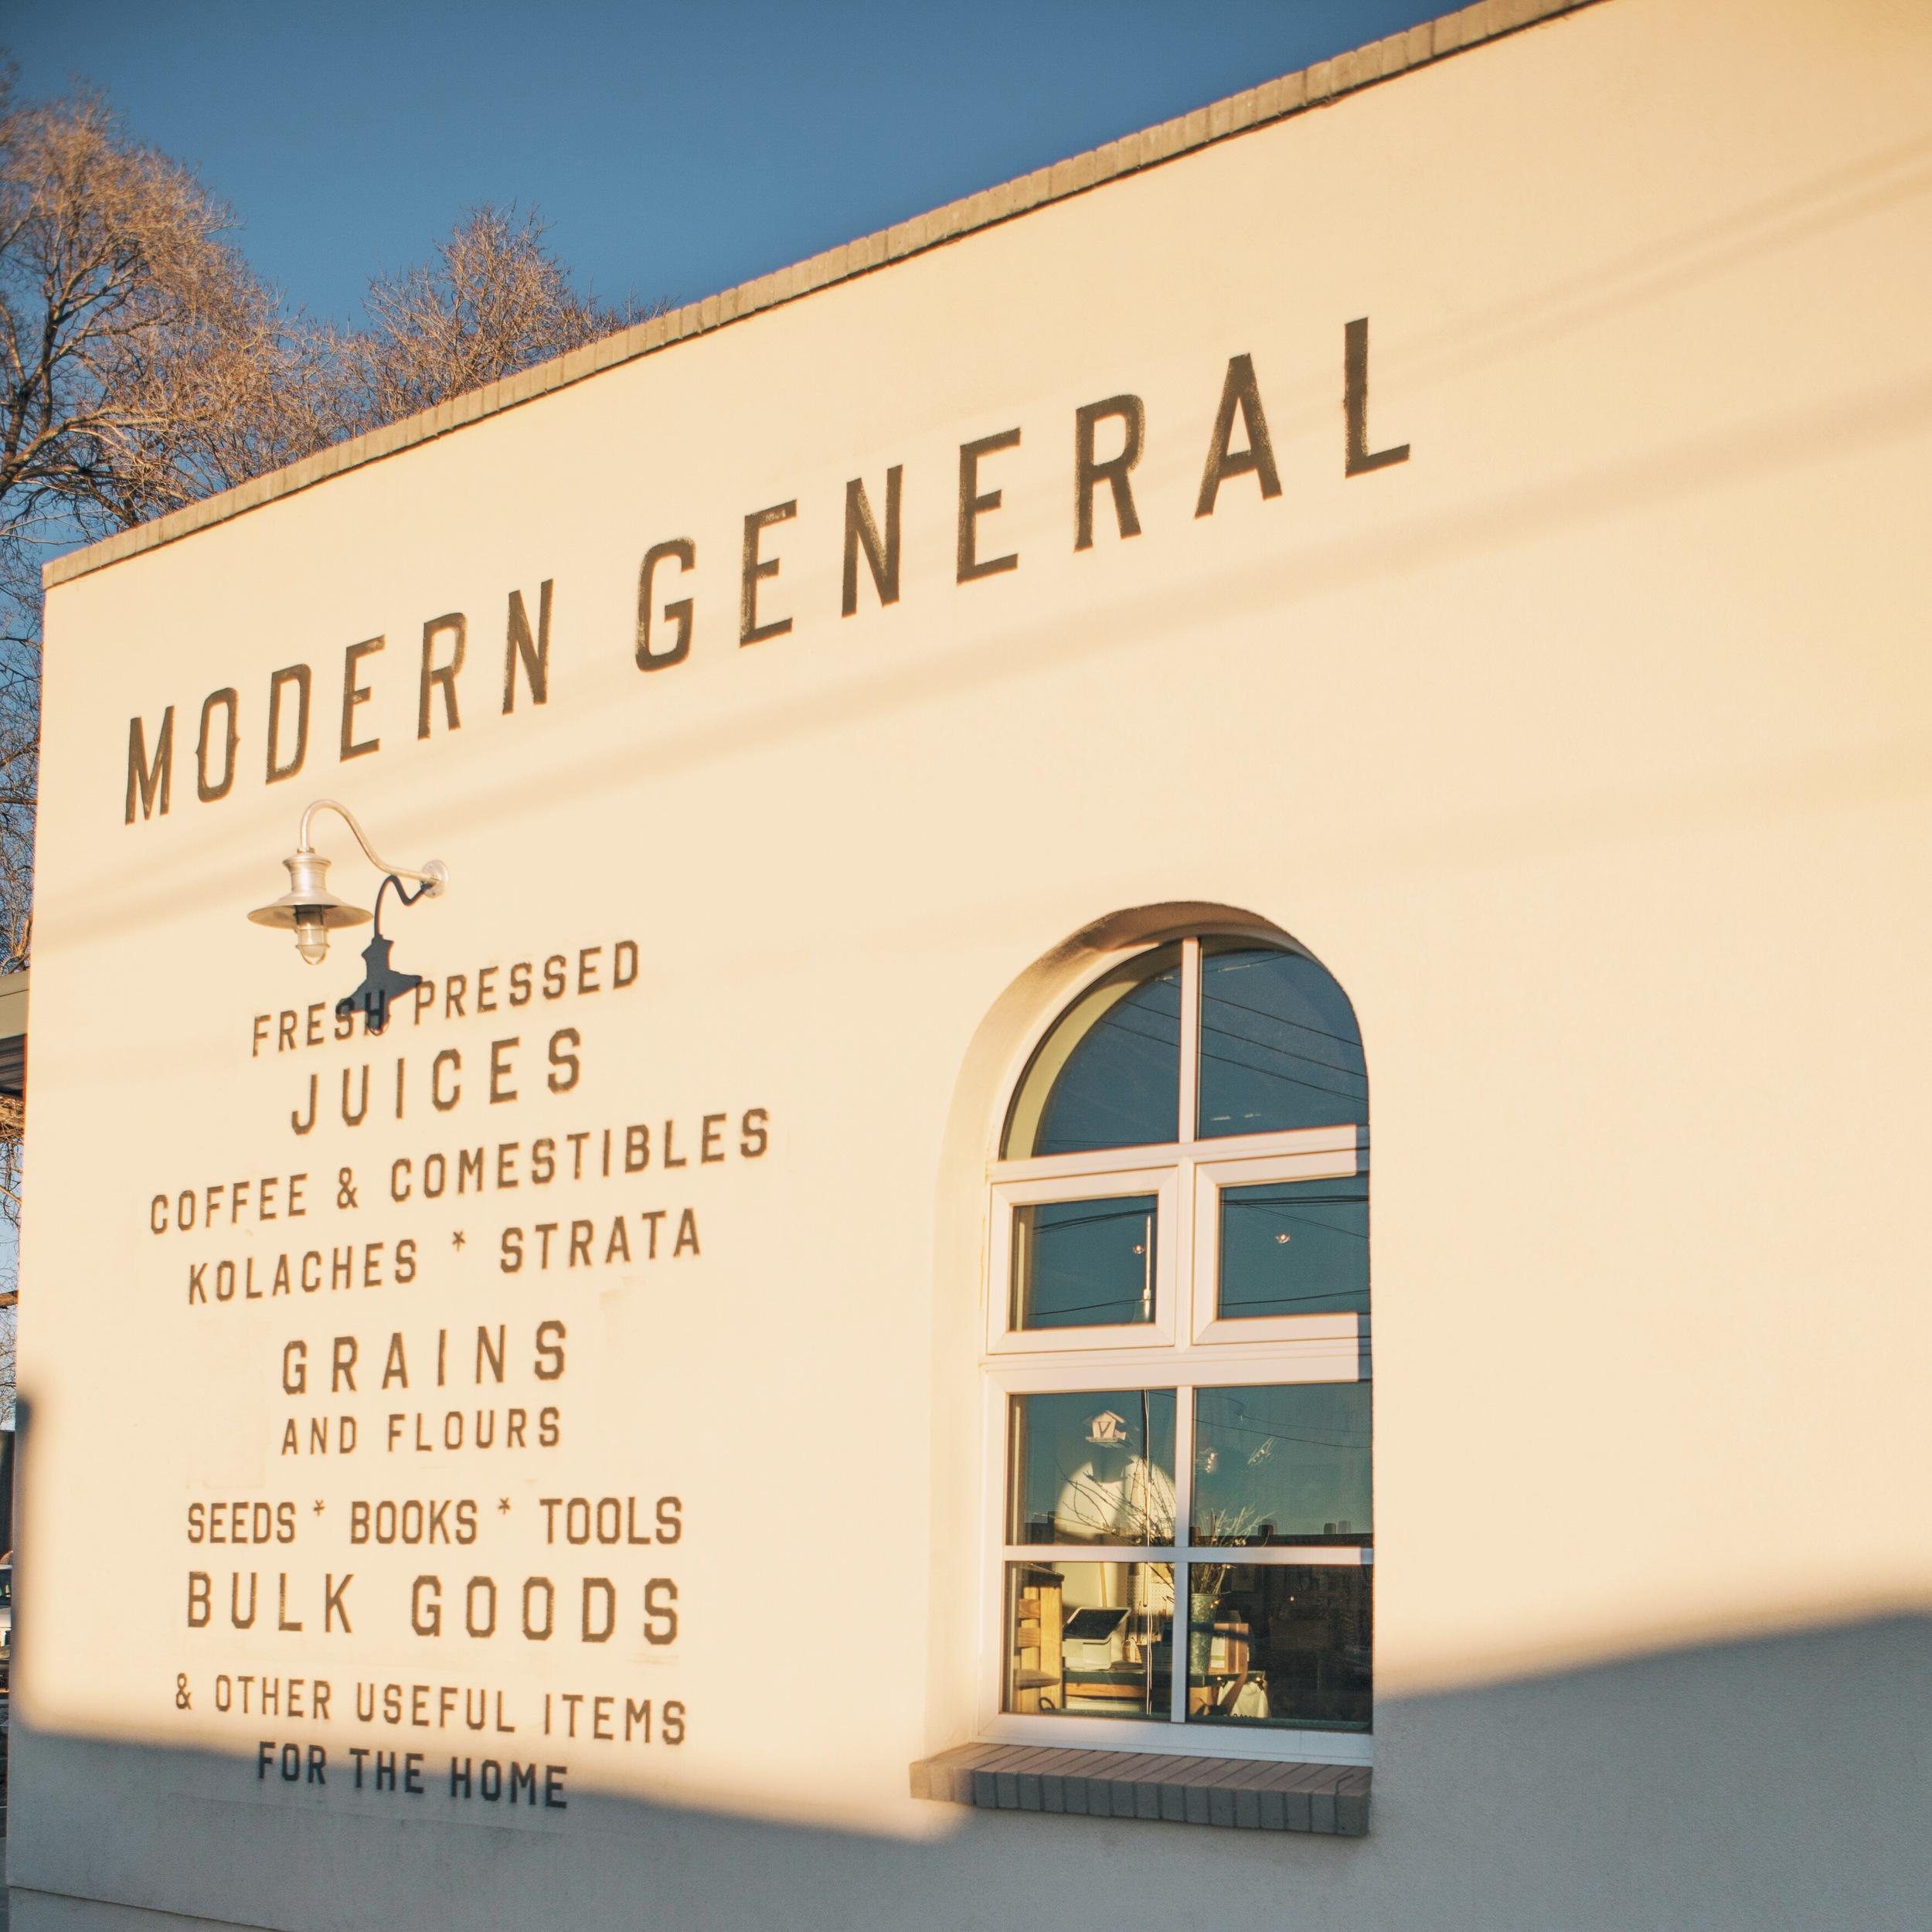 modern general santa fe : ouiwegirl.com